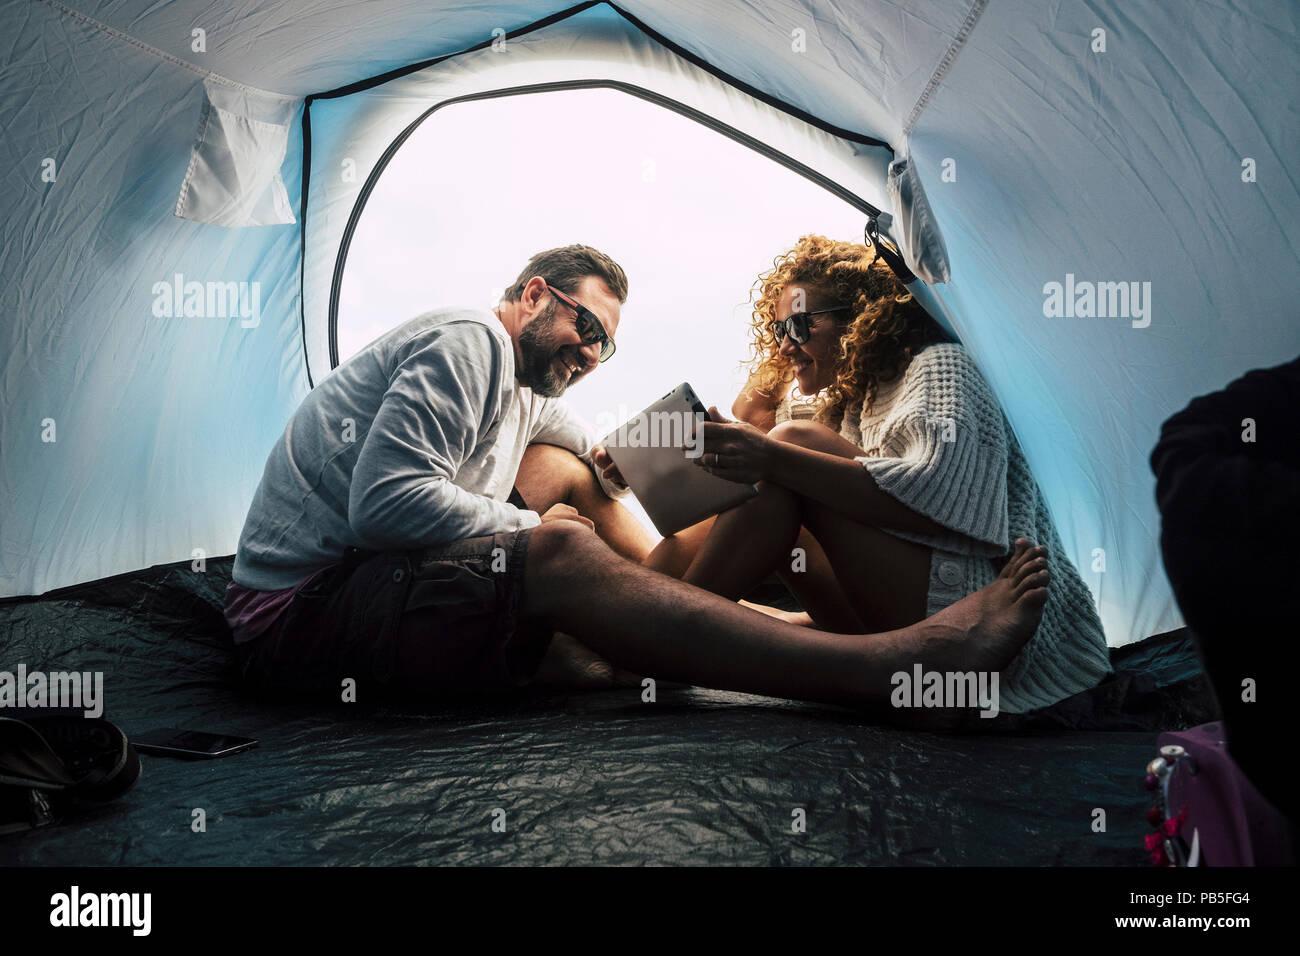 Happy young couple d'âge moyen et mariés dans la relation à l'intérieur de la tente de camping et de l'utilisation de la technologie internet tablet. L'amour et l'amitié fo Photo Stock